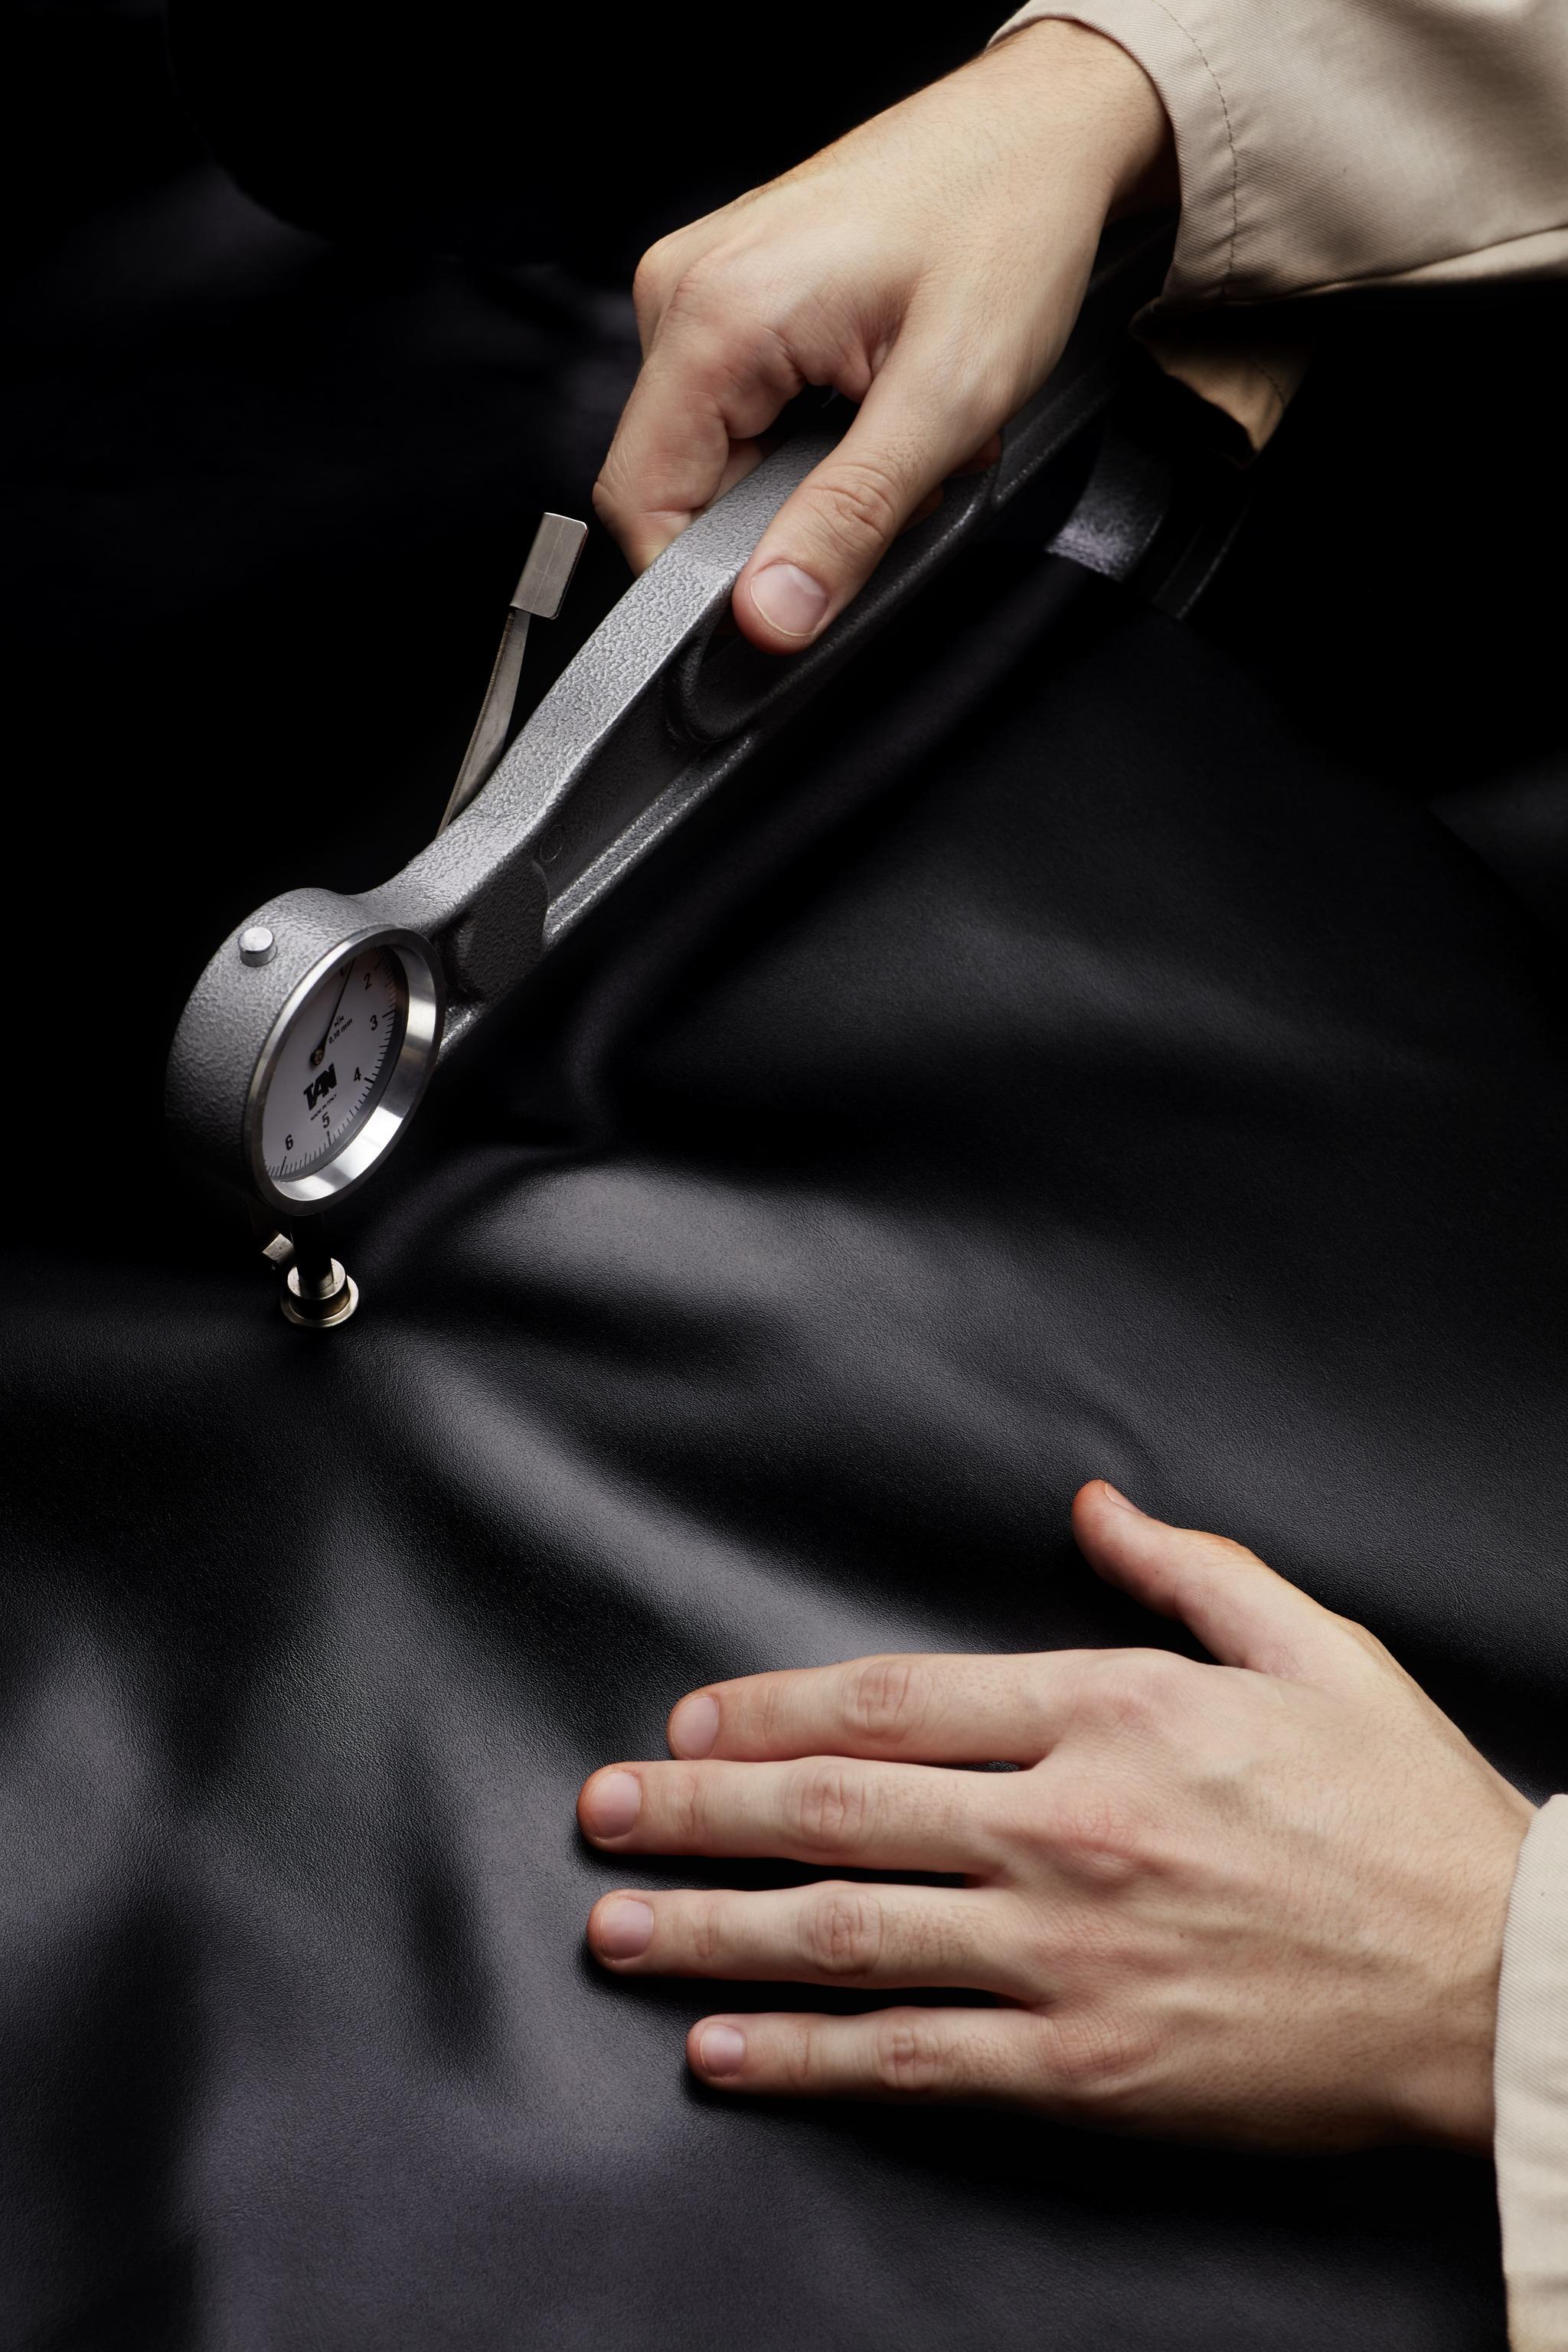 Revisando y midiendo el grosor de la piel.